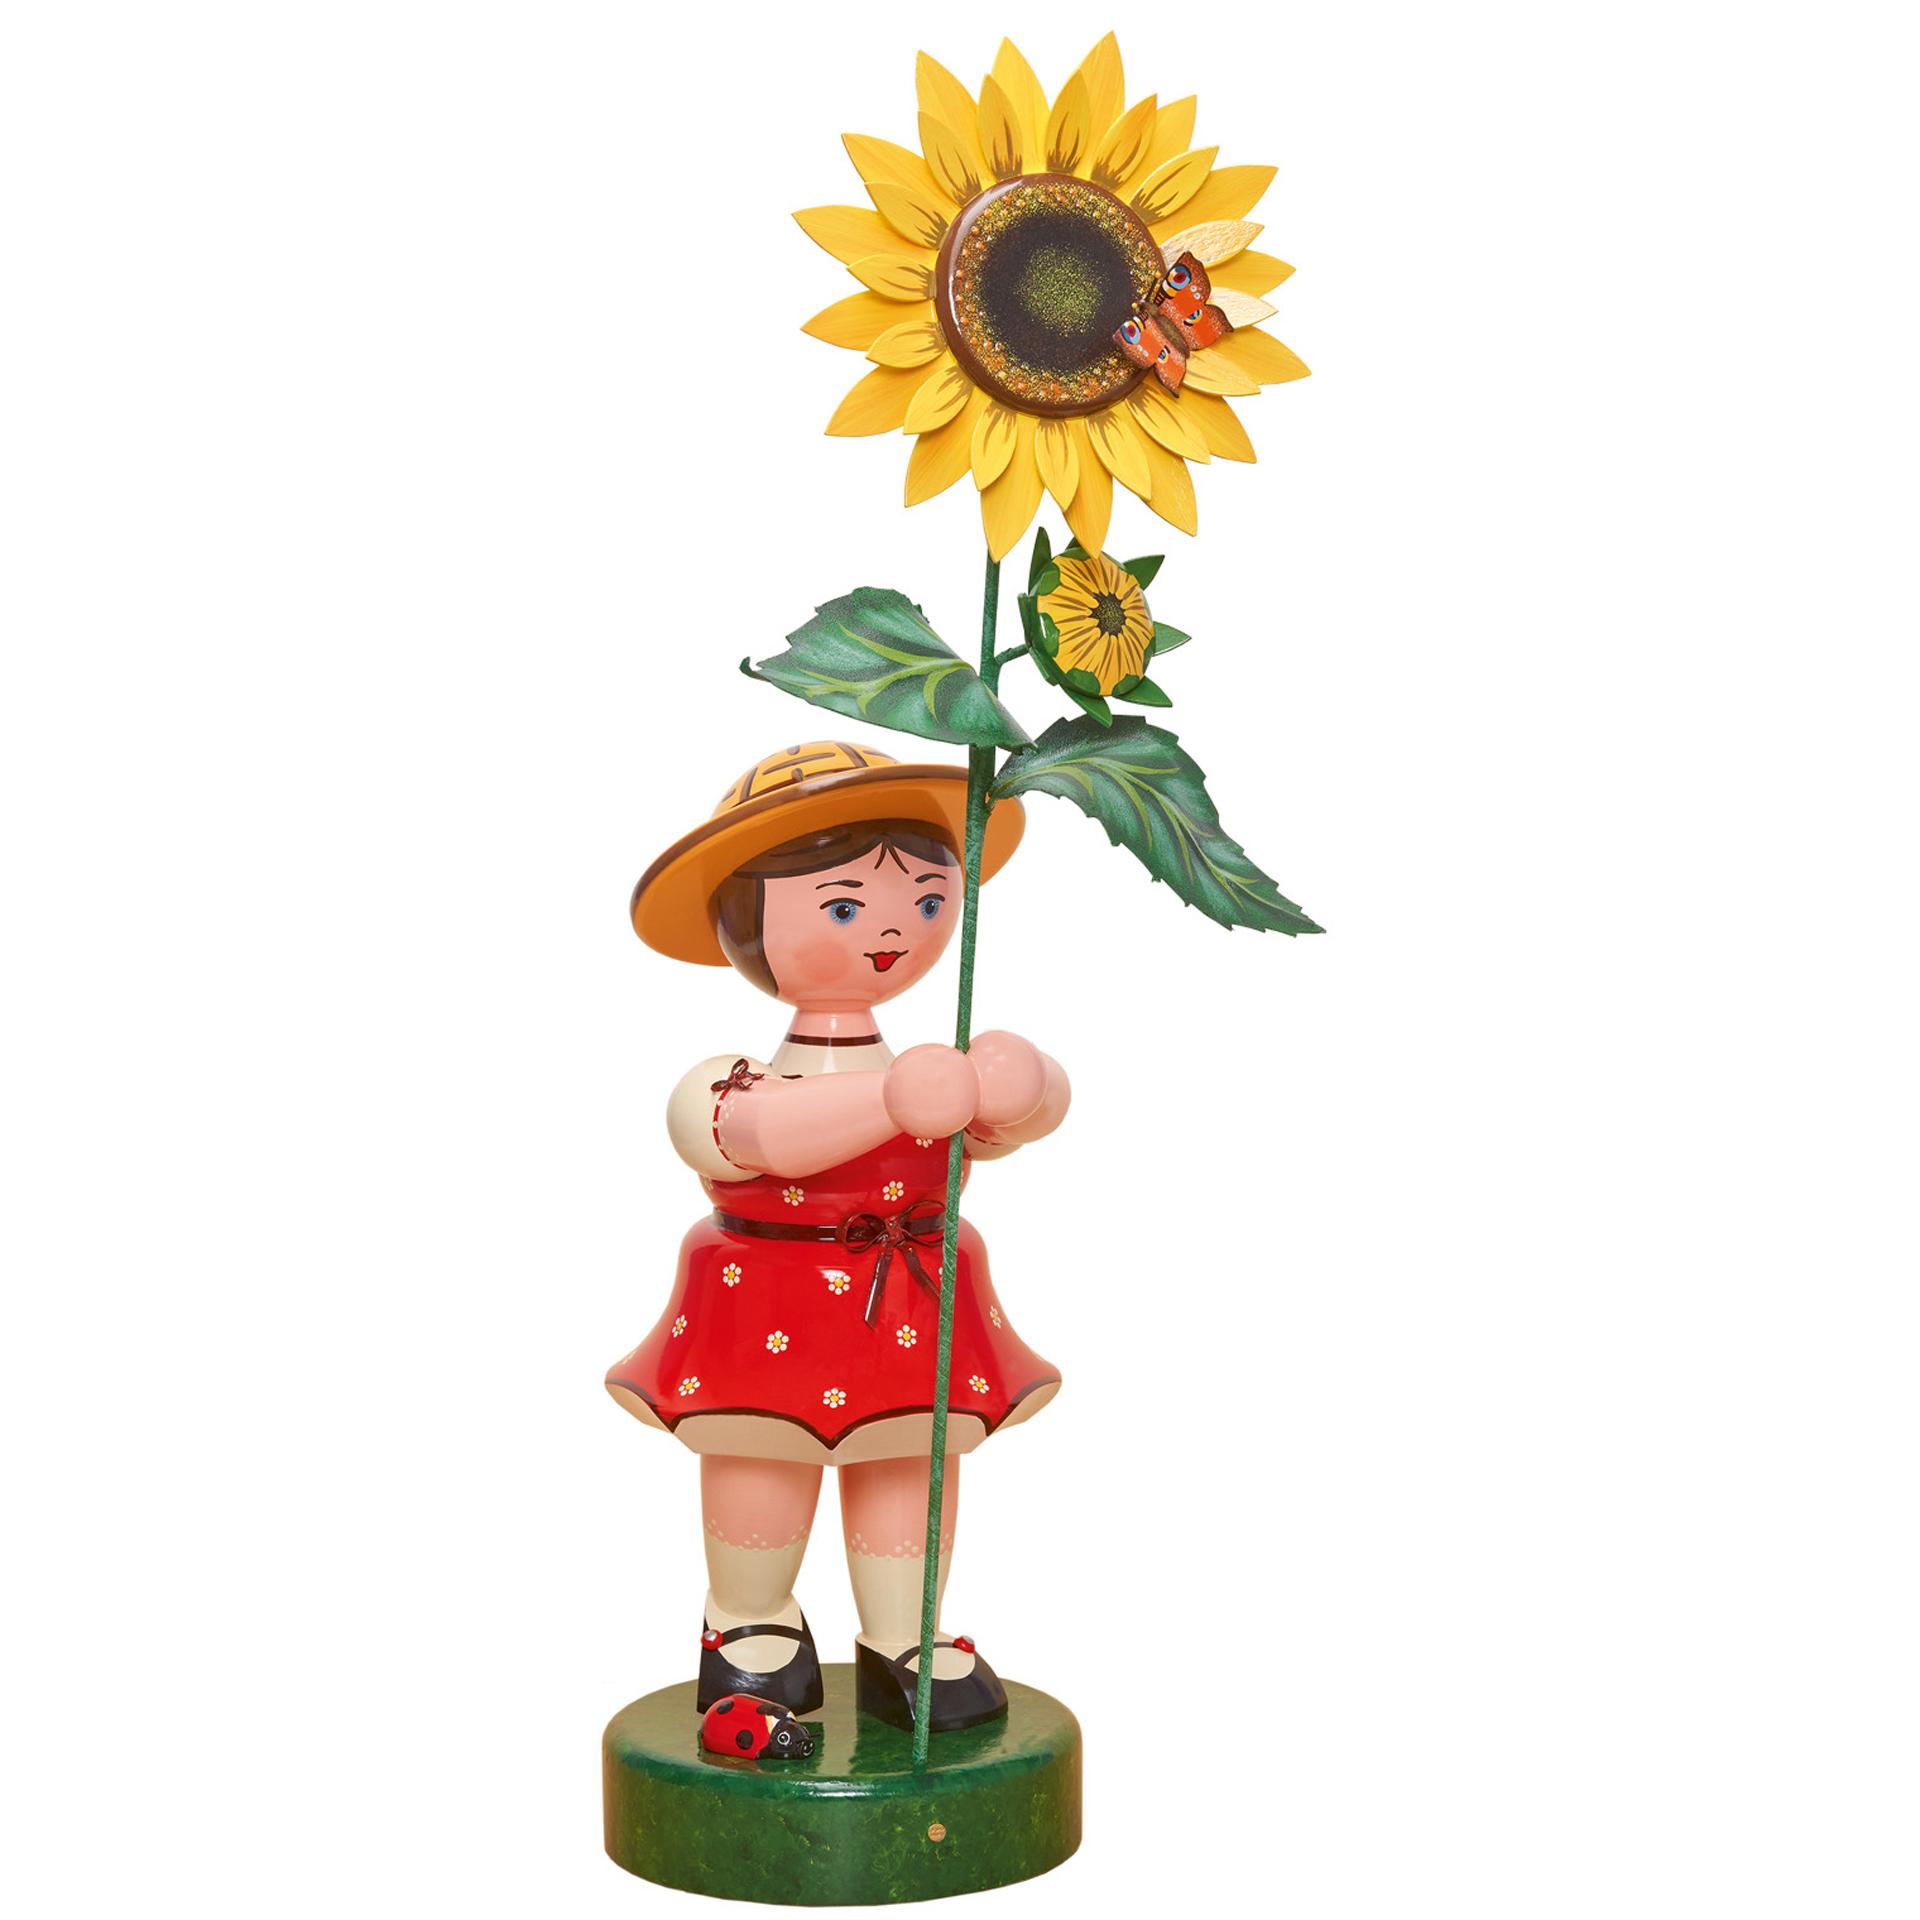 Blumenkind Mädchen Sonnenblume, 53cm